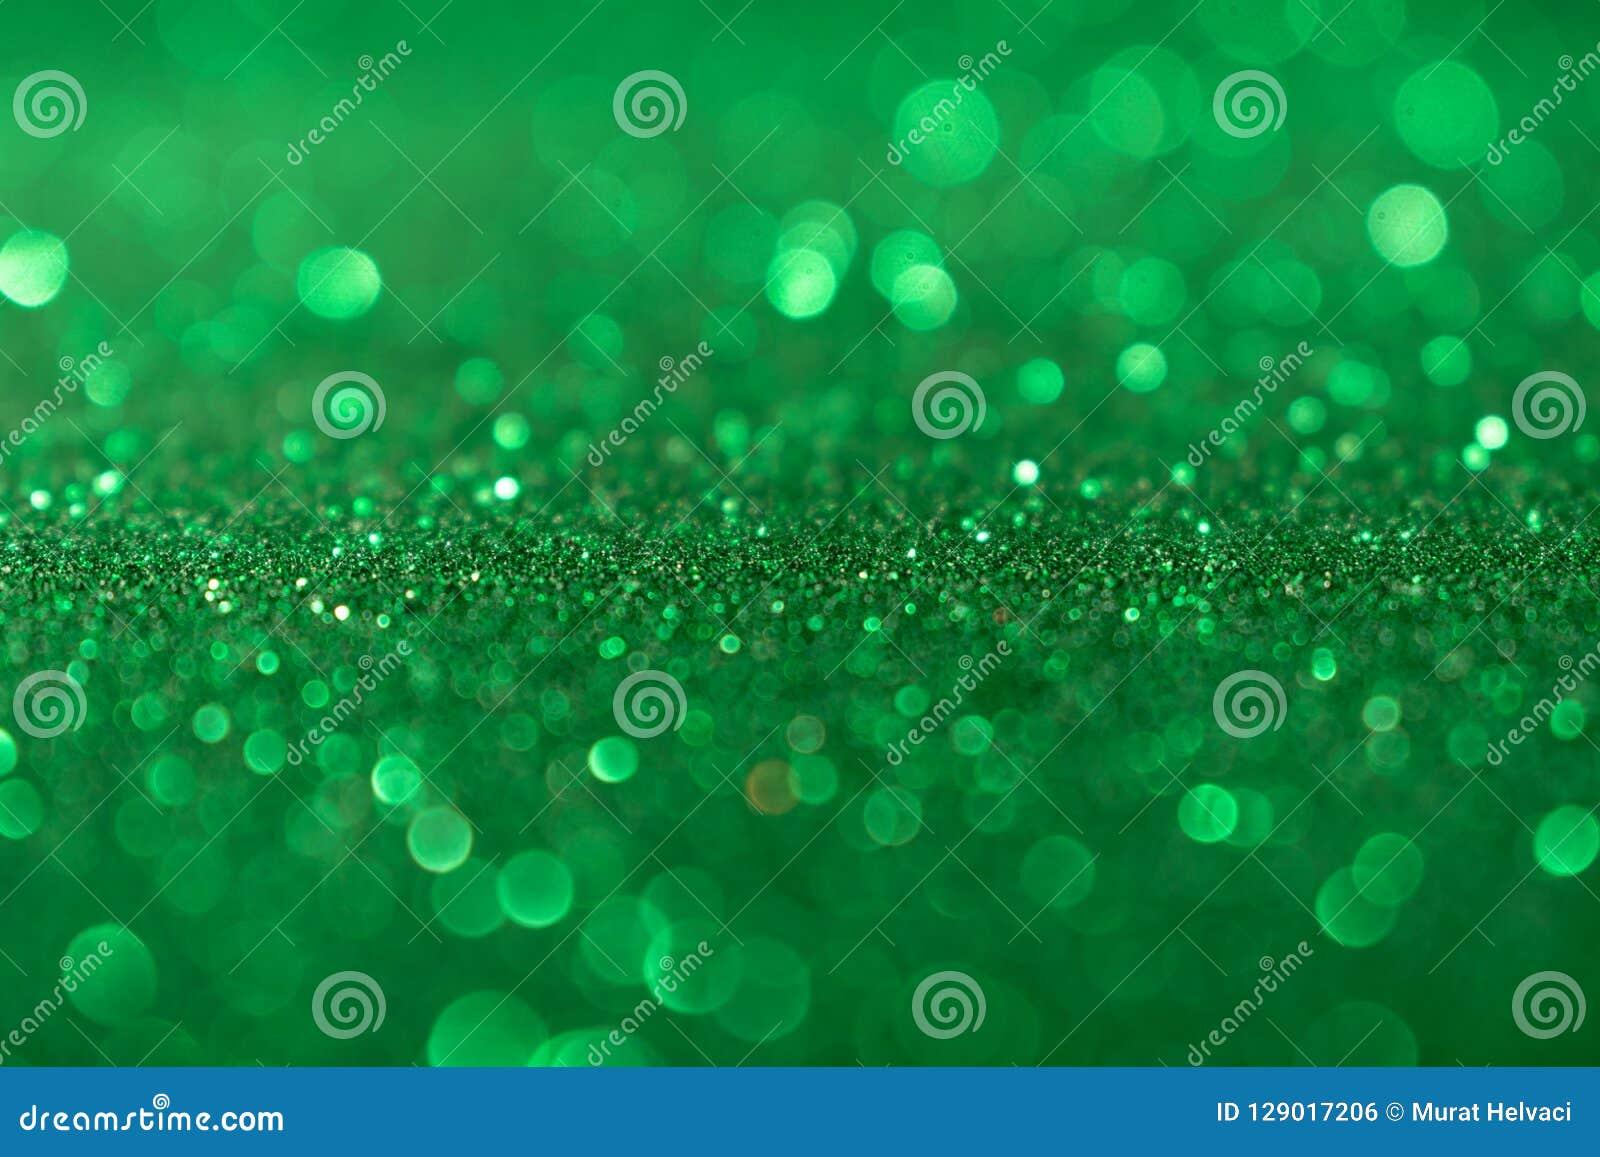 De achtergrond van Valentine Day Green Glitter van het Kerstmisnieuwjaar Stof van de vakantie de abstracte textuur Element, flits